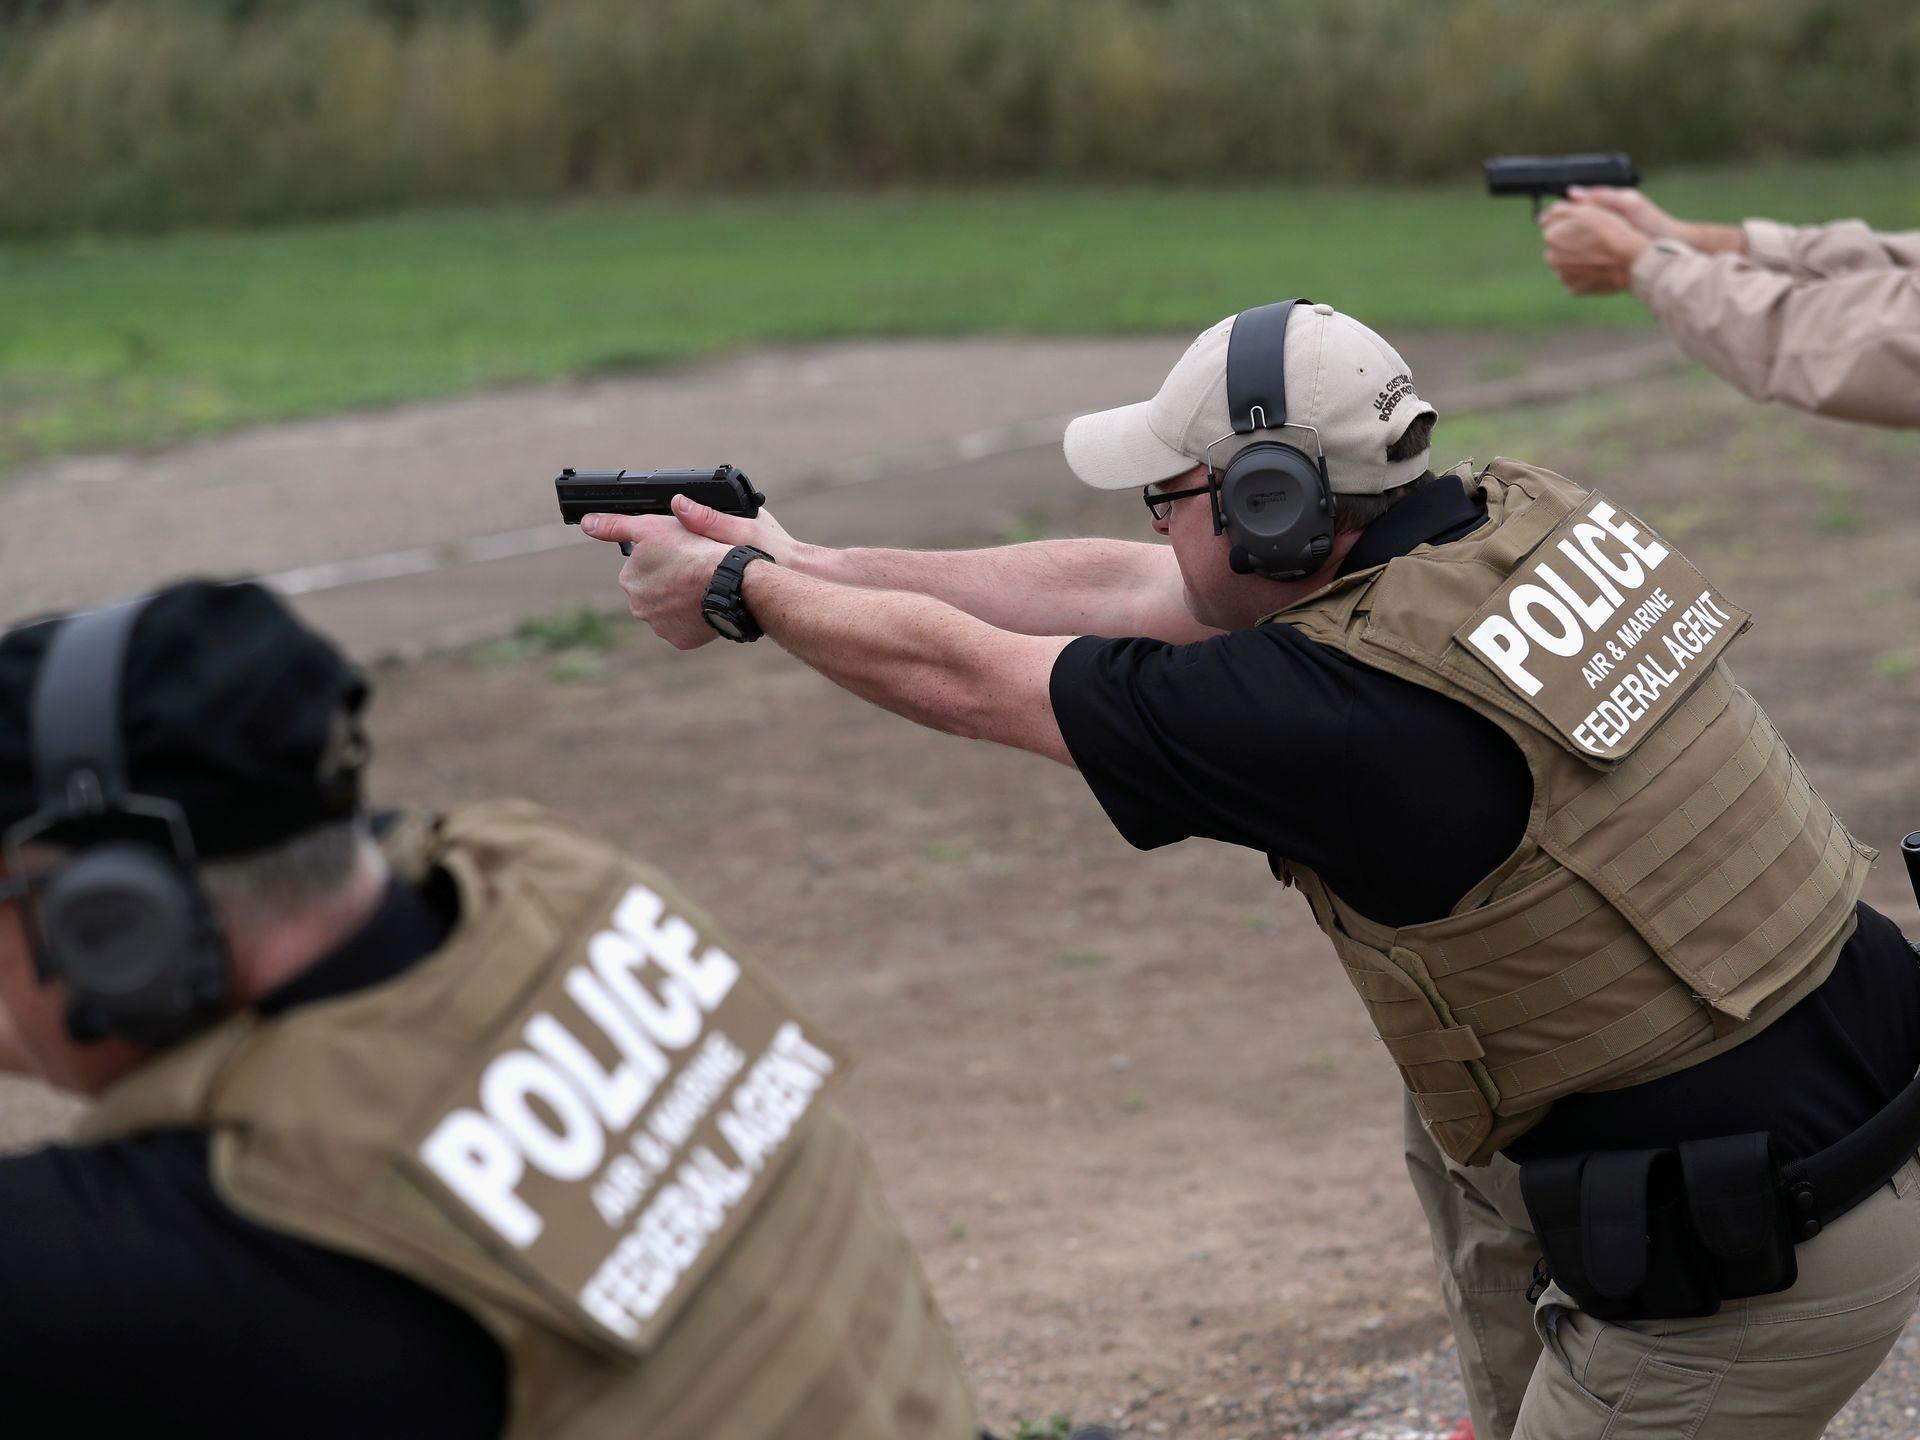 سربازان آمریکایی استفاده از سلاح گرم را آموزش میبینند